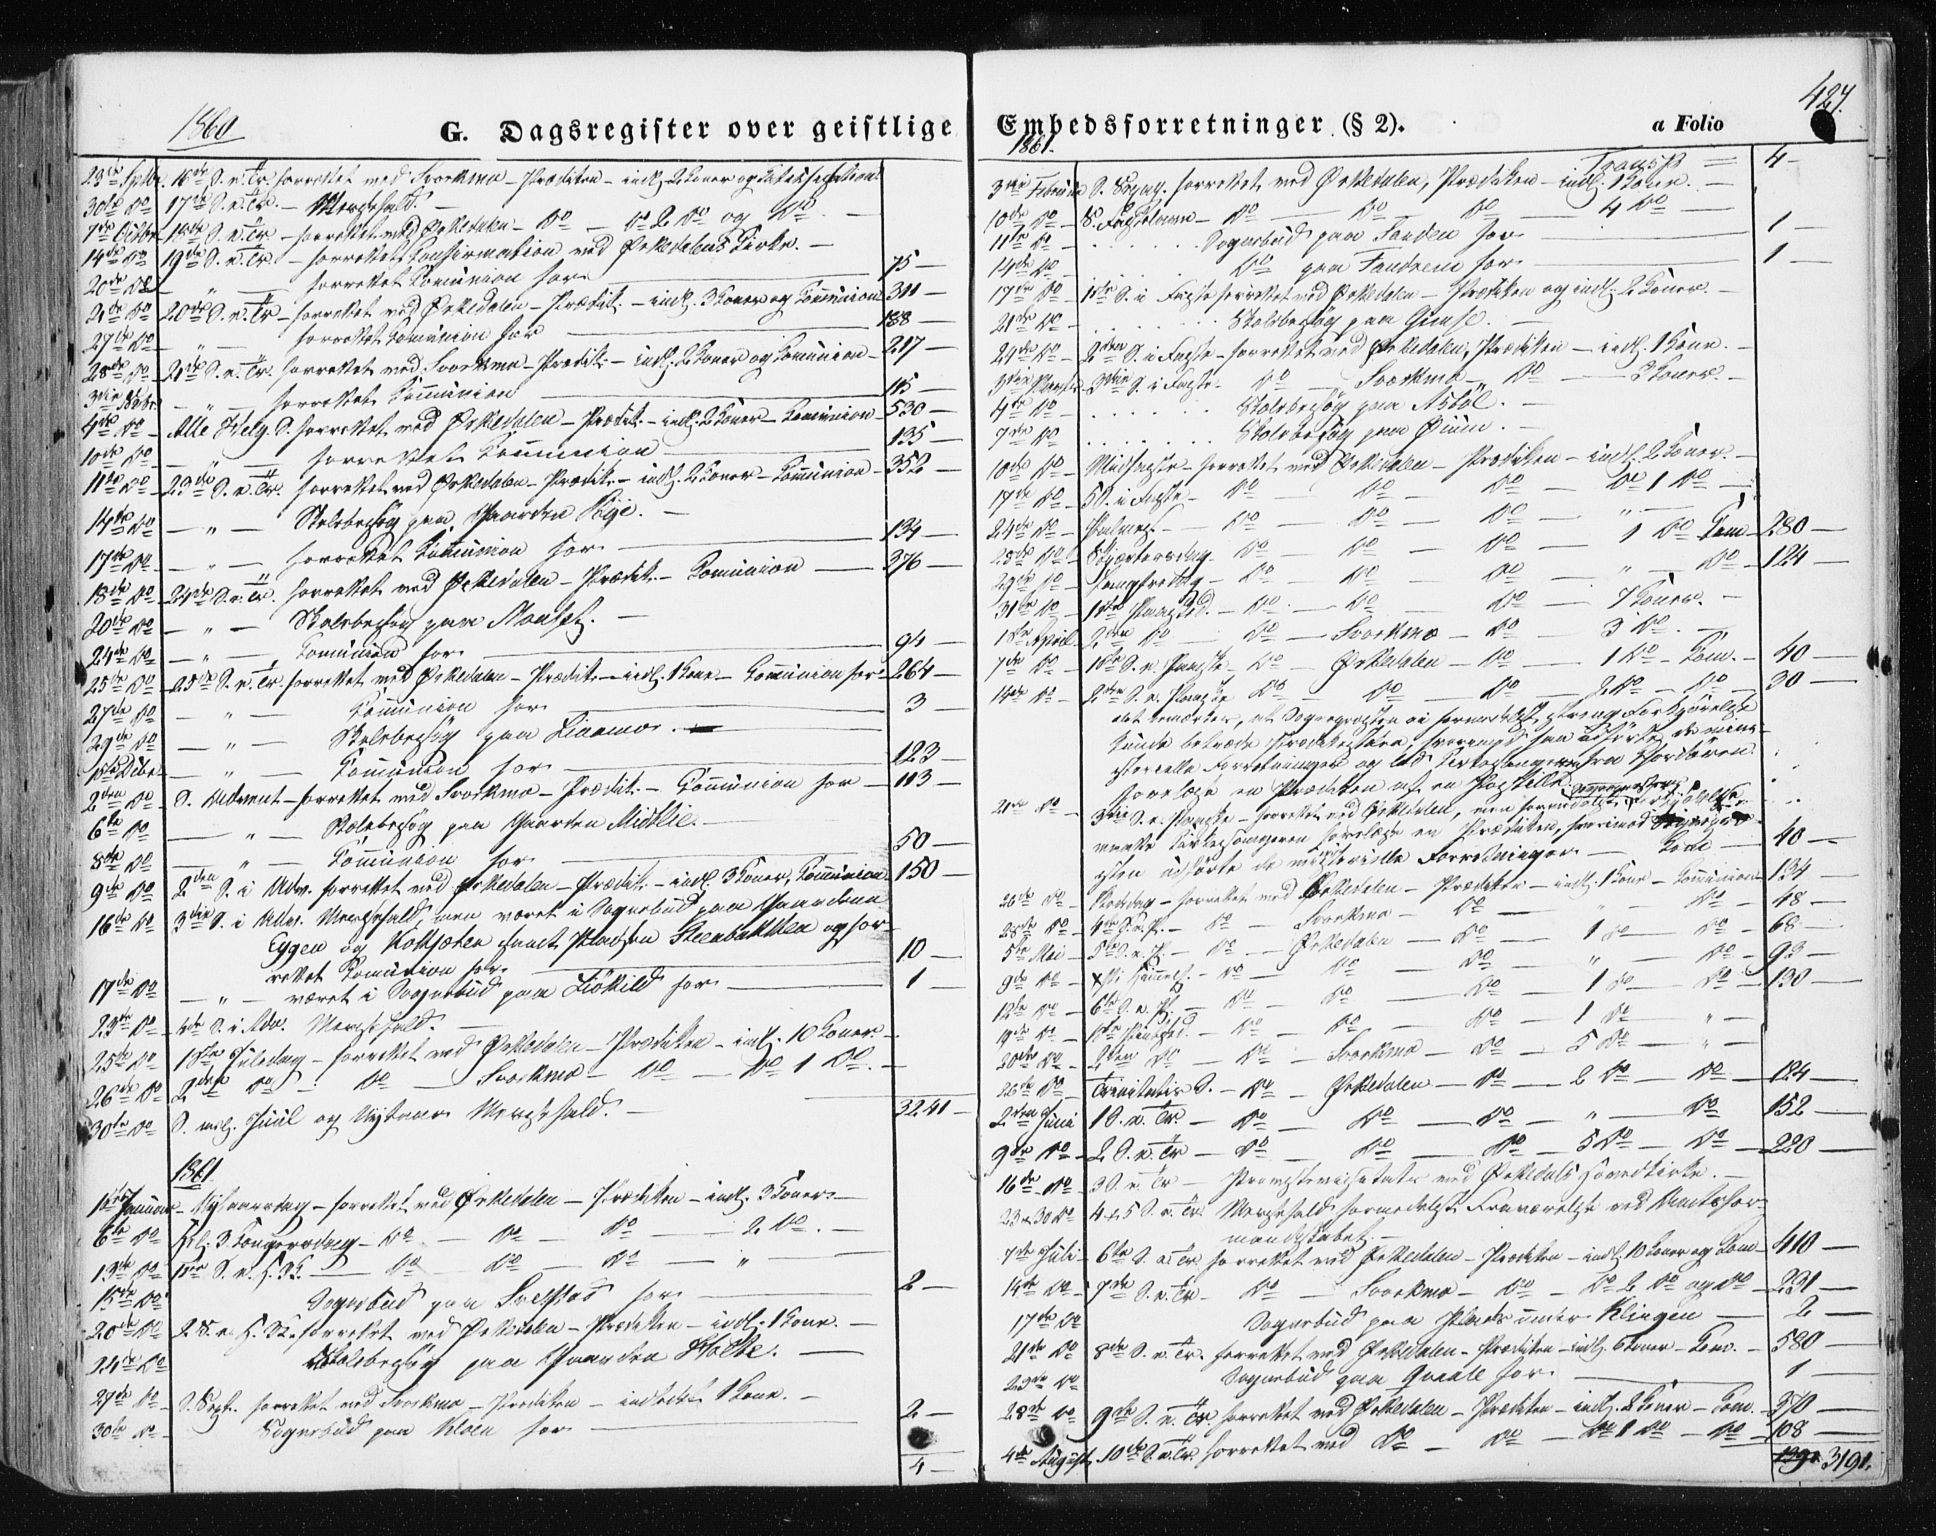 SAT, Ministerialprotokoller, klokkerbøker og fødselsregistre - Sør-Trøndelag, 668/L0806: Ministerialbok nr. 668A06, 1854-1869, s. 427